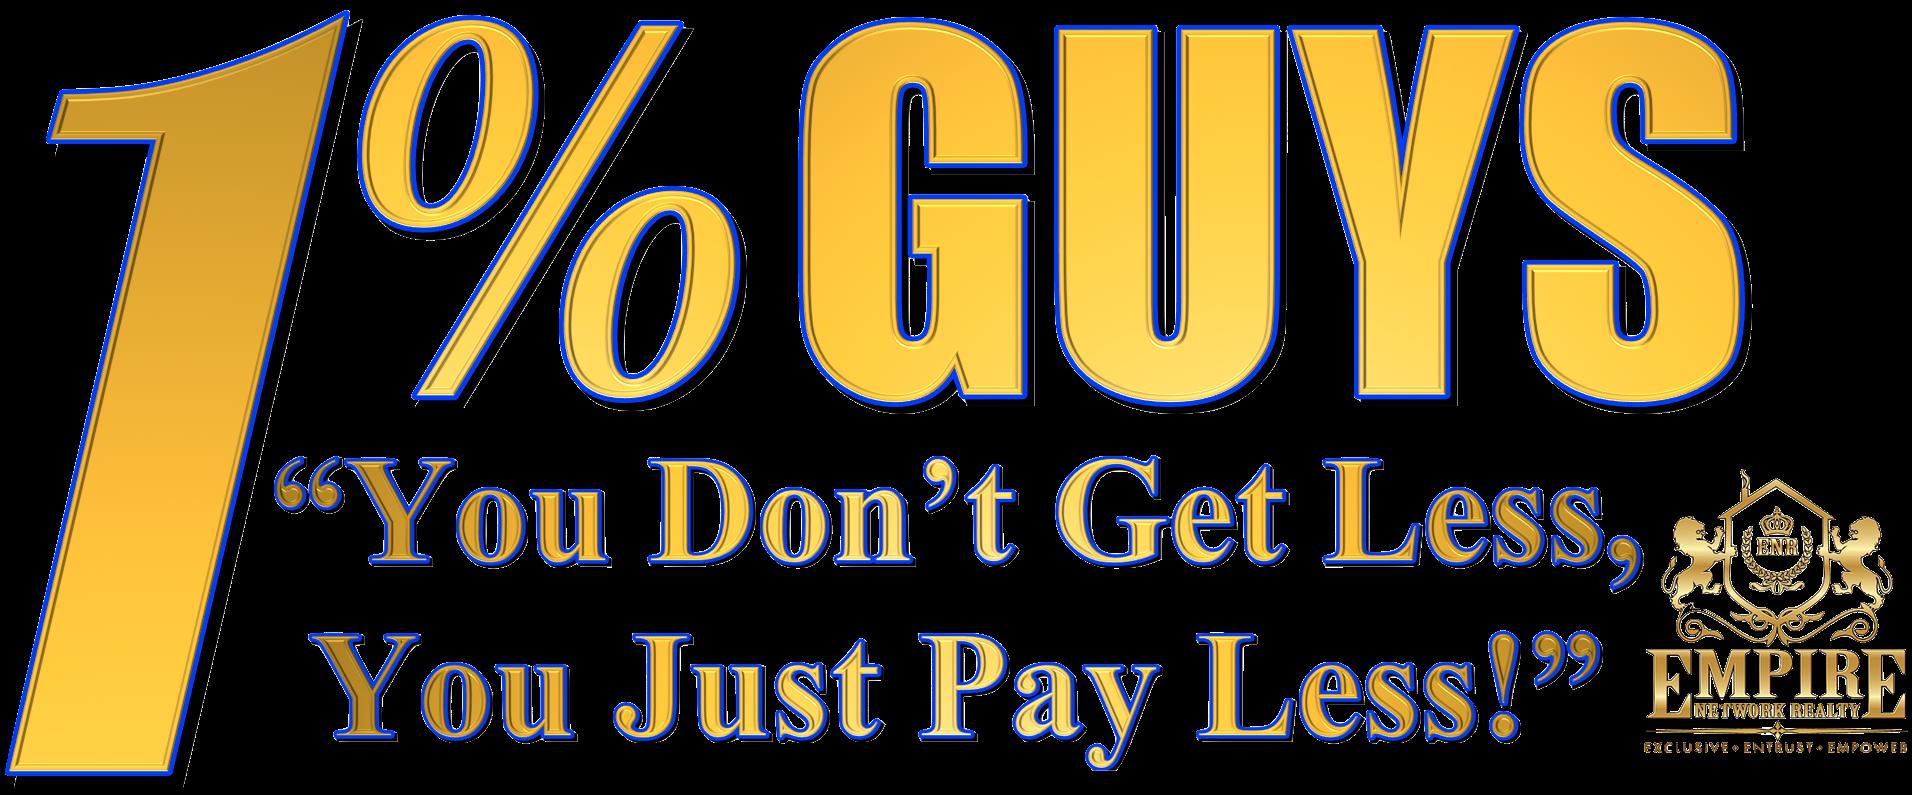 1% Guys